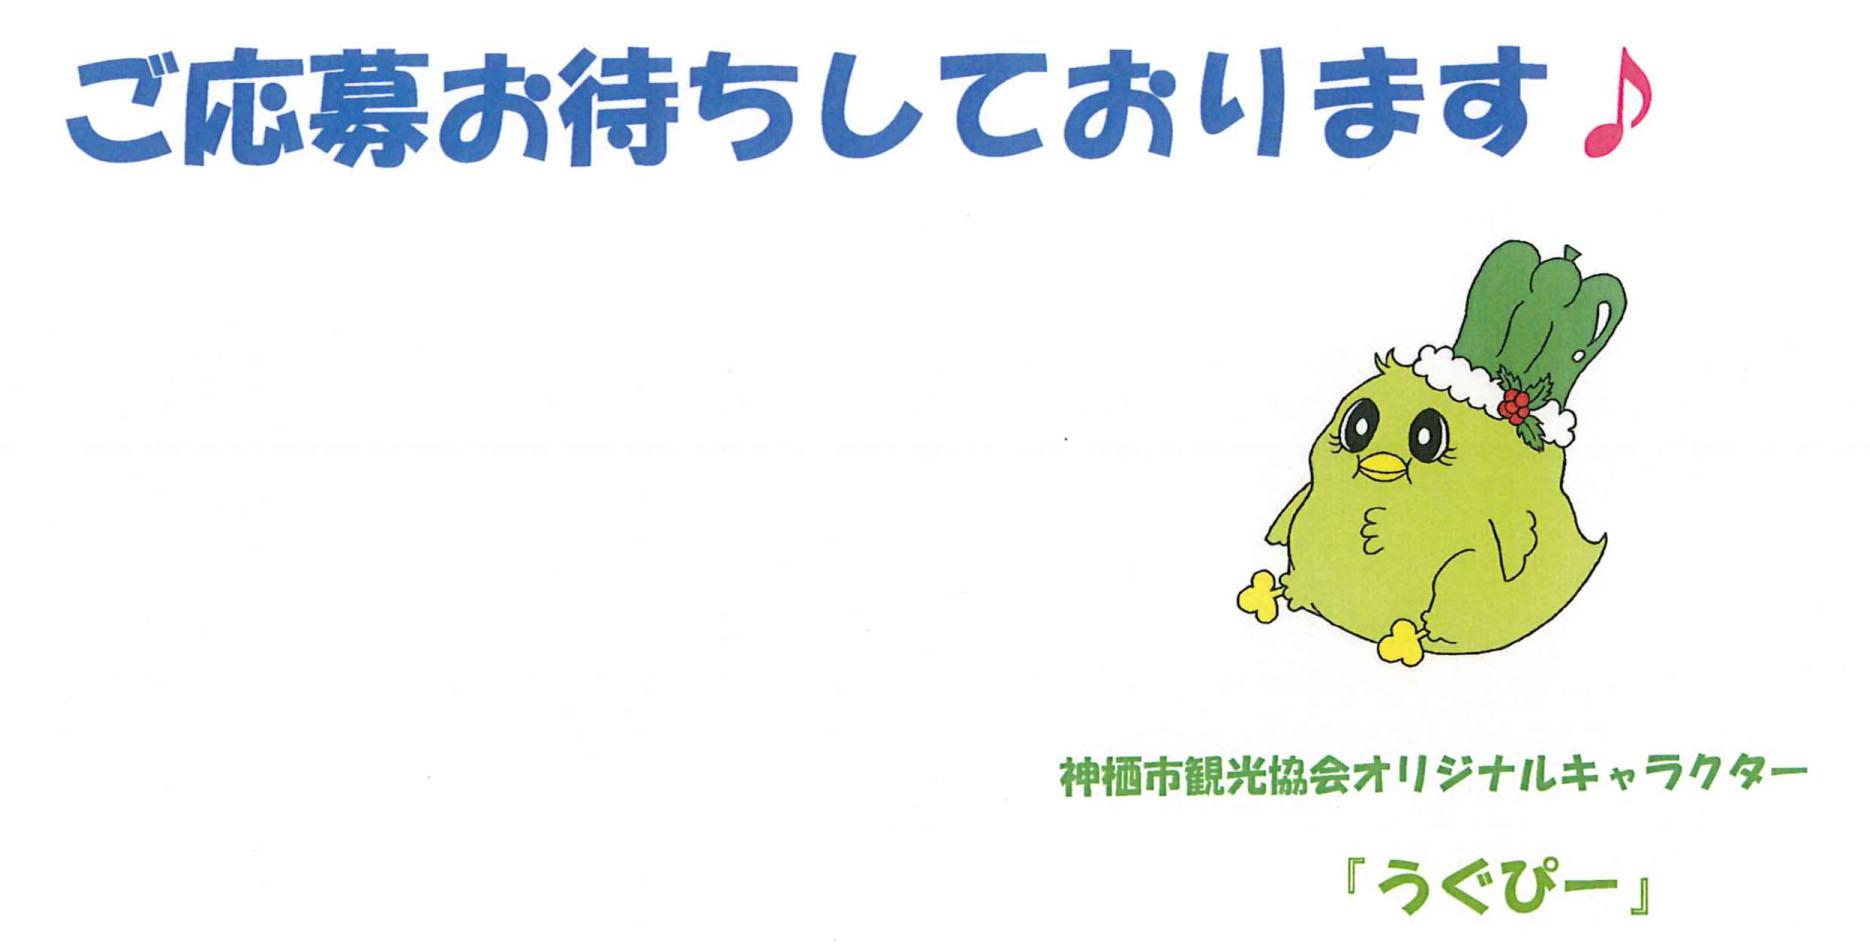 鹿島臨海工業地帯モニターツアー参加者募集!!_f0229750_948234.jpg